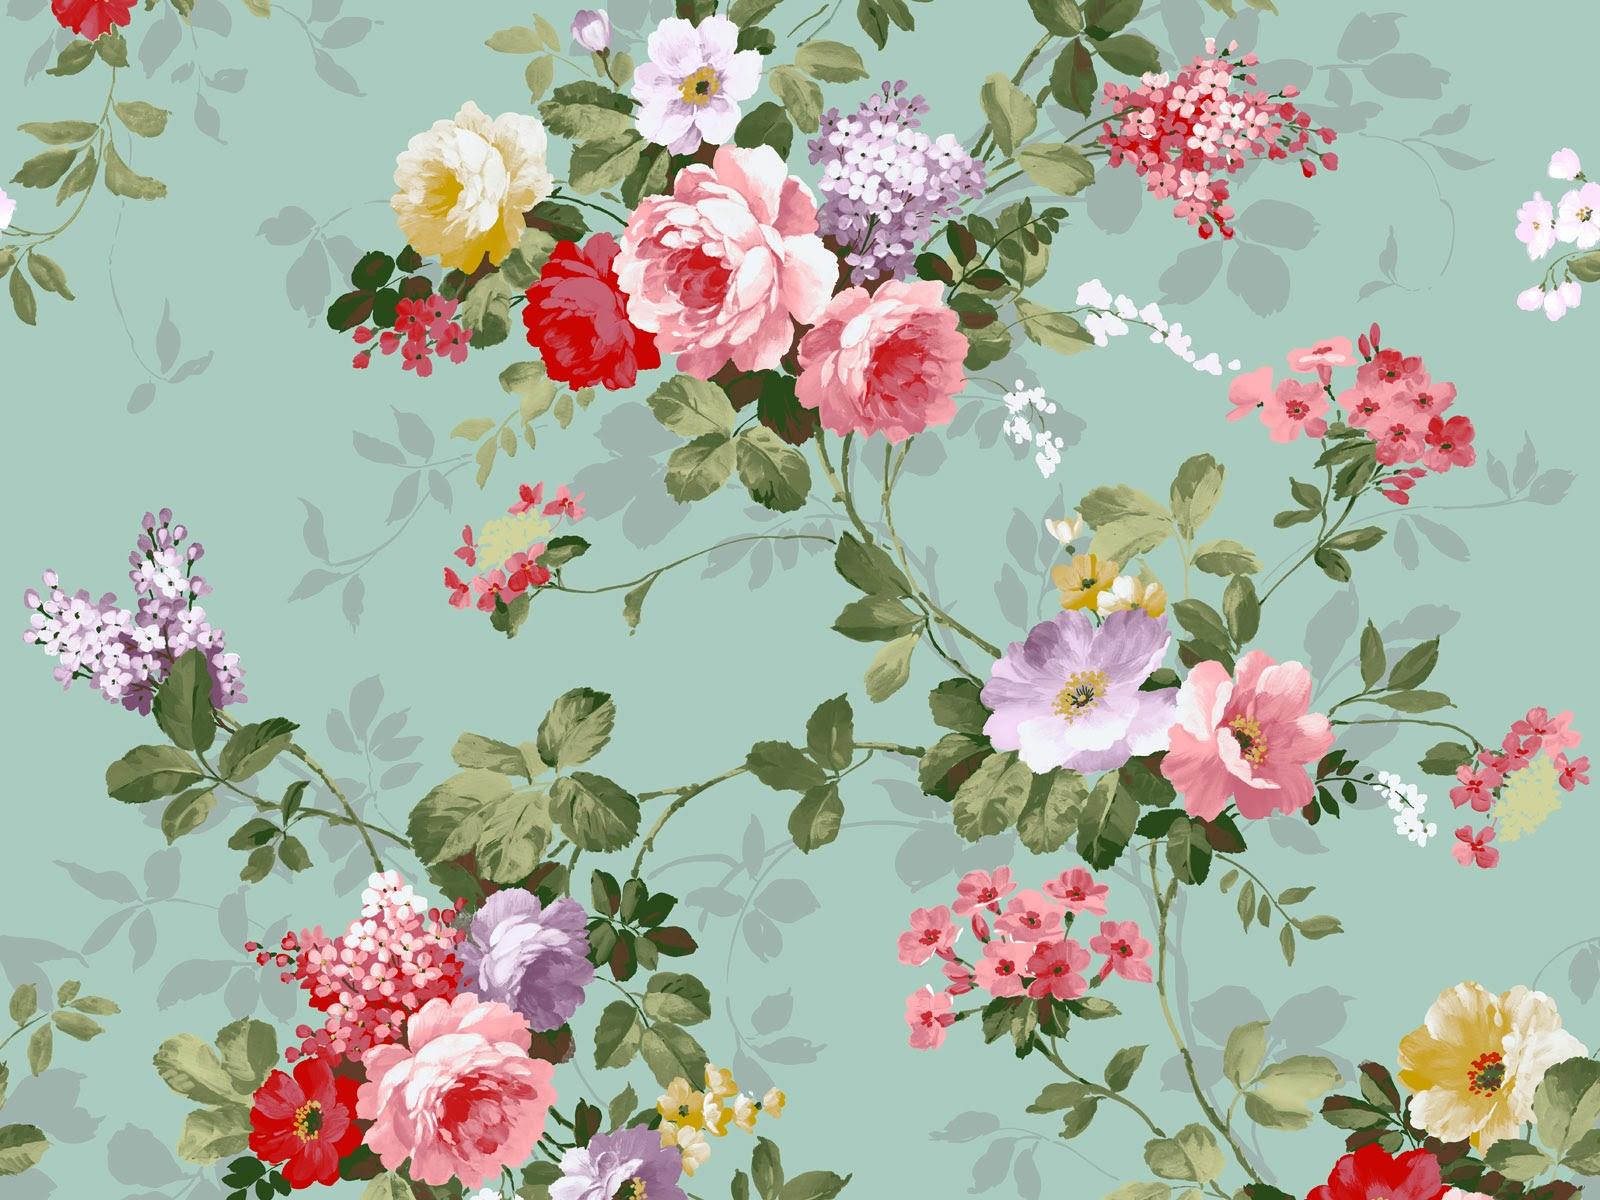 Vintage Floral Flowers Pattern